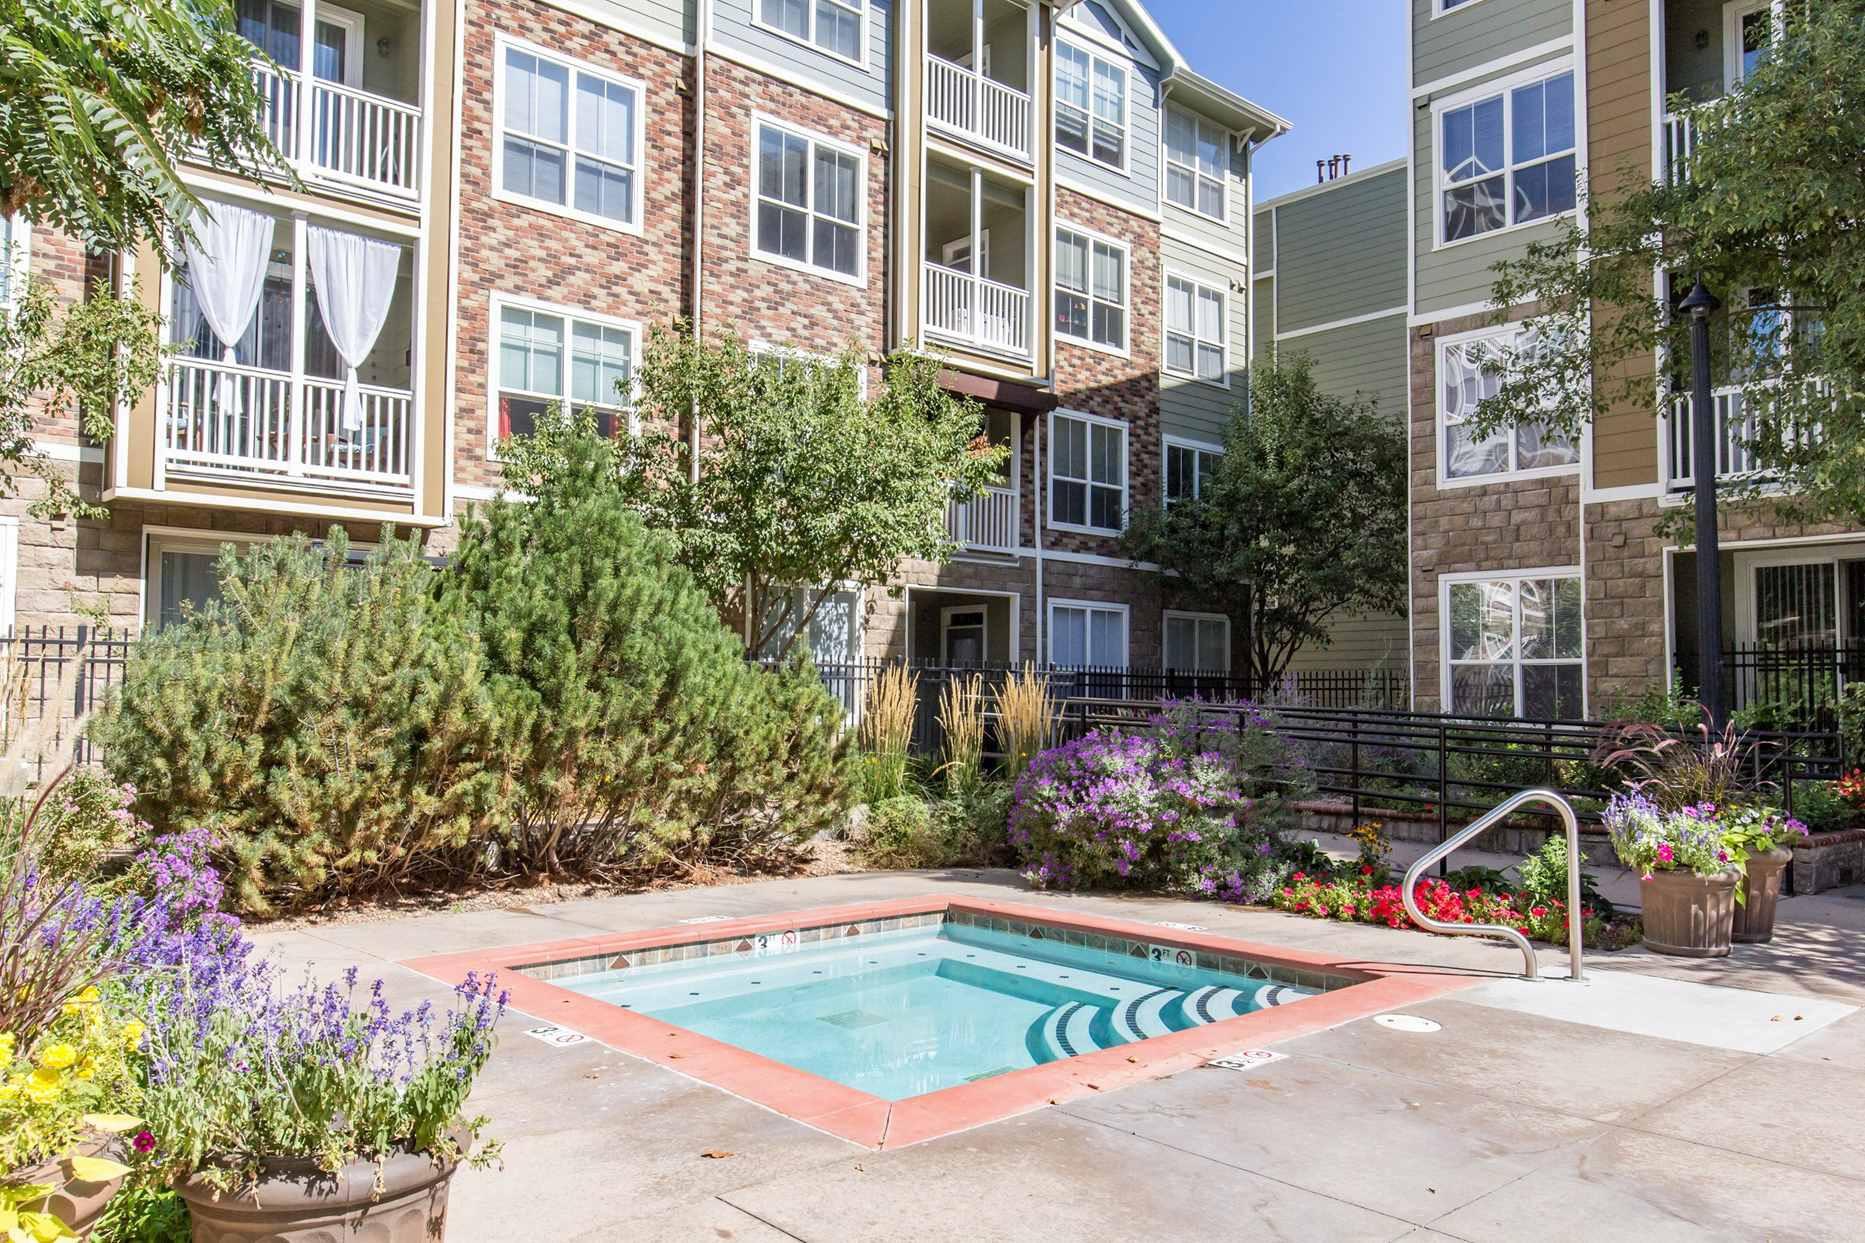 Live at Colorado Pointe Apartments